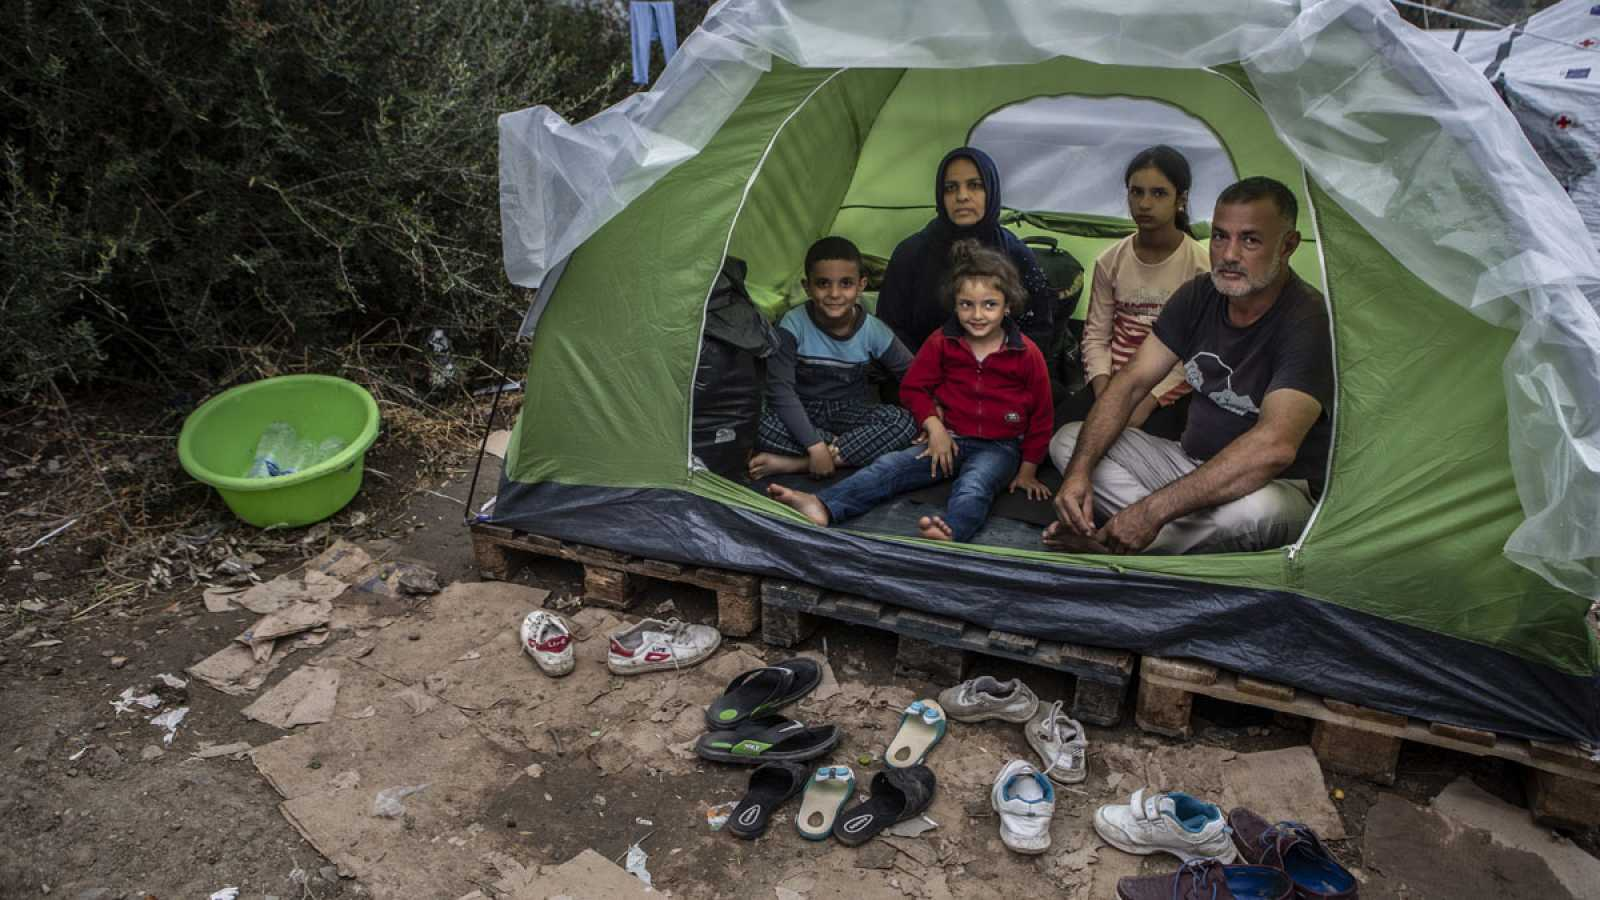 Silenciados: los refugiados en Grecia